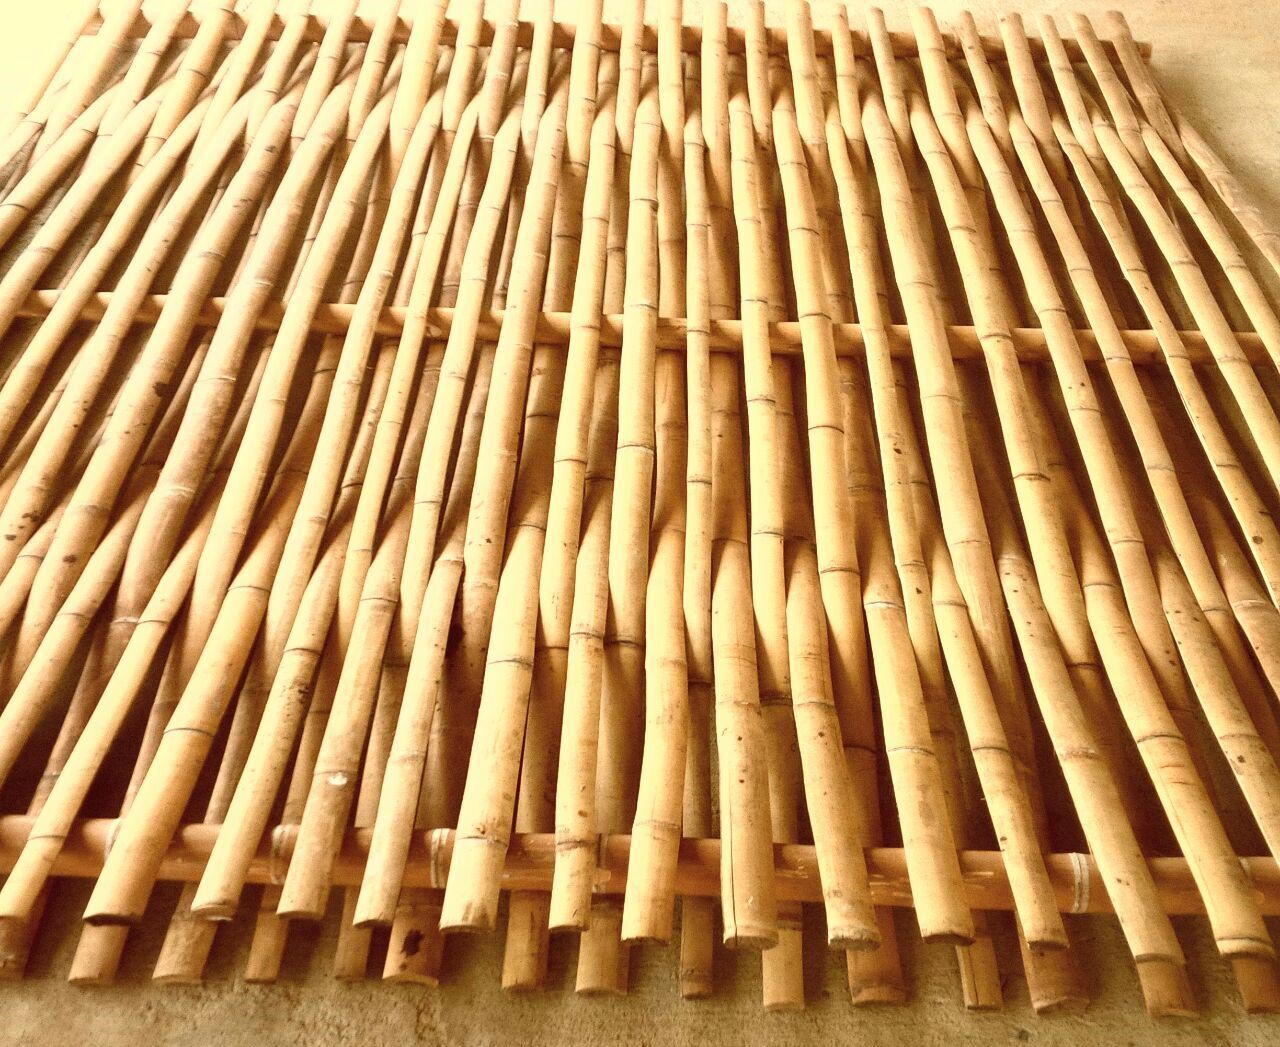 No Climb Bamboo Fence